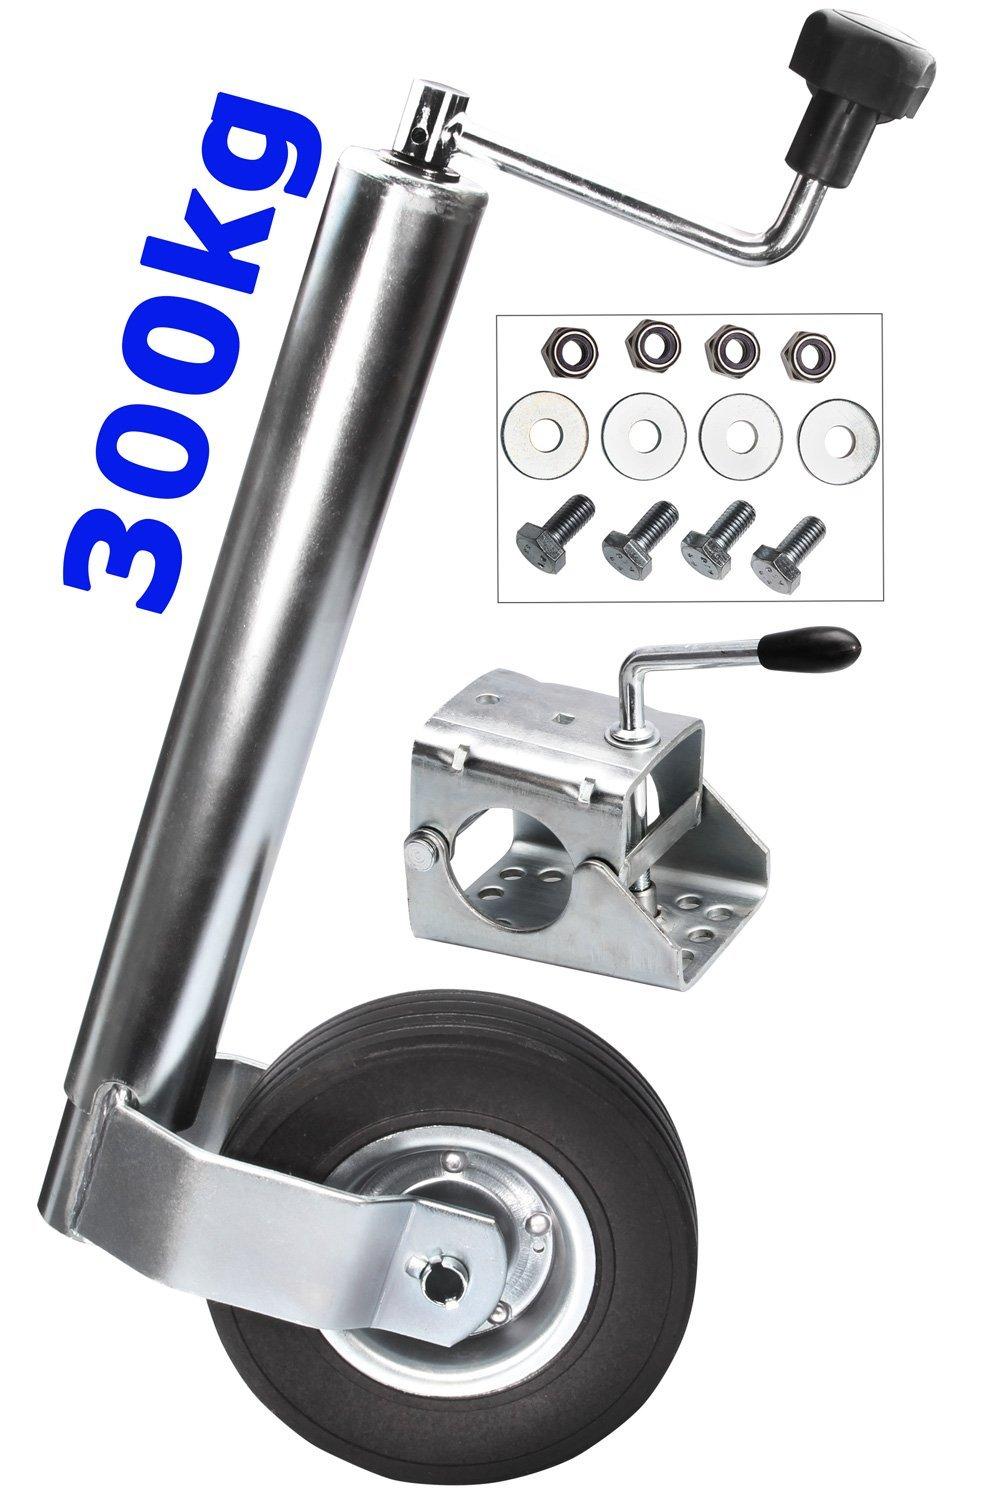 set de vis Roue jockey diam/ètre 60 mm pour remorque Fixation de roue